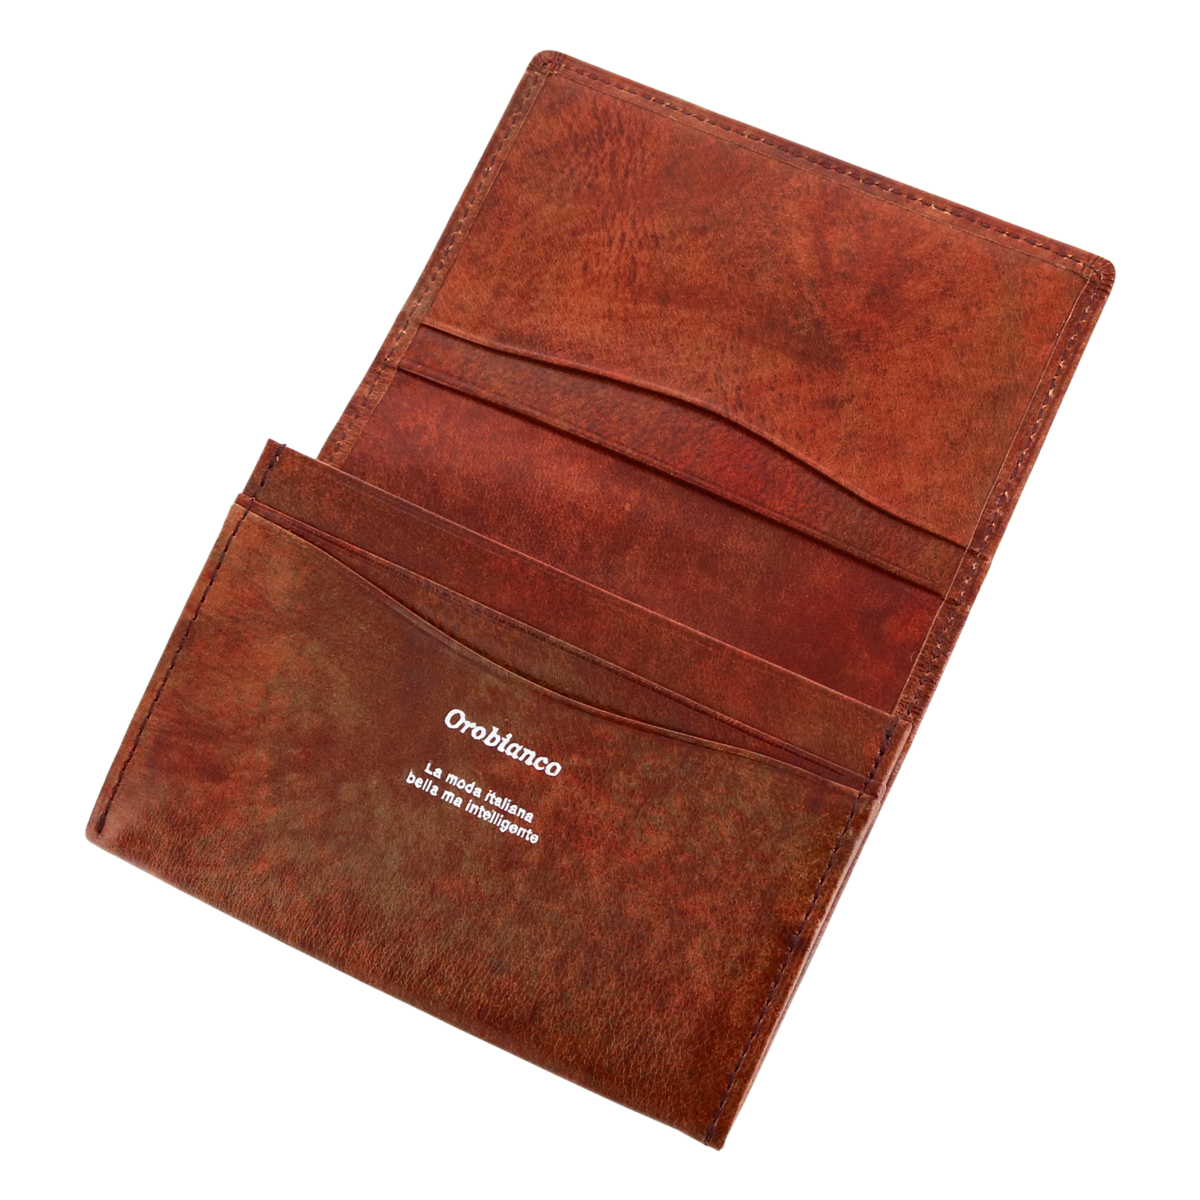 オロビアンコ名刺入れ本革patinaパティナメンズORS-071309日本製Orobianco|牛革レザー